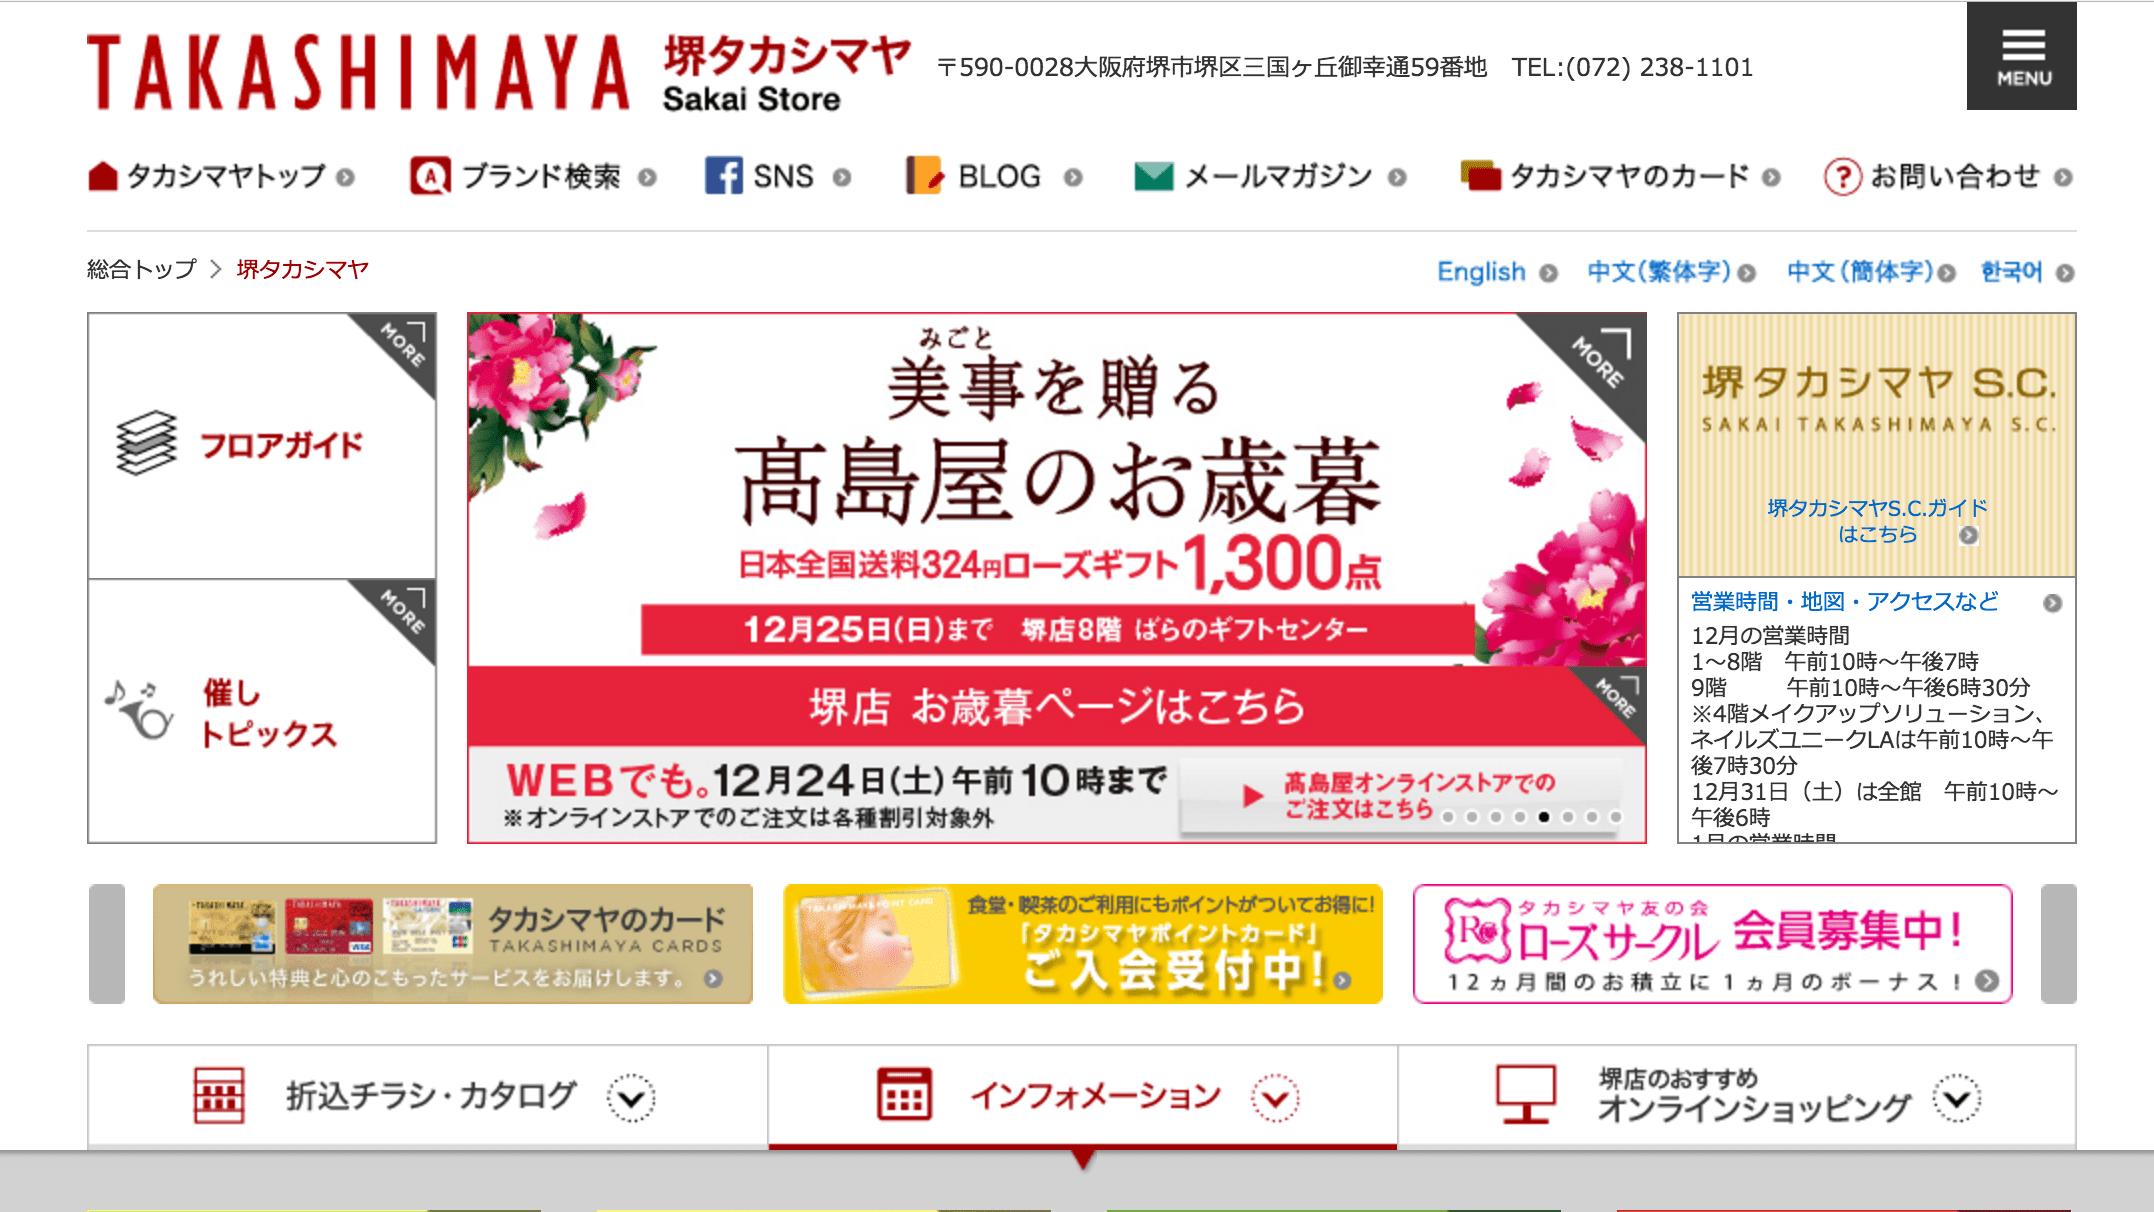 2016.12.14〜12.20 高島屋堺店 ポップアップショップ出店します!